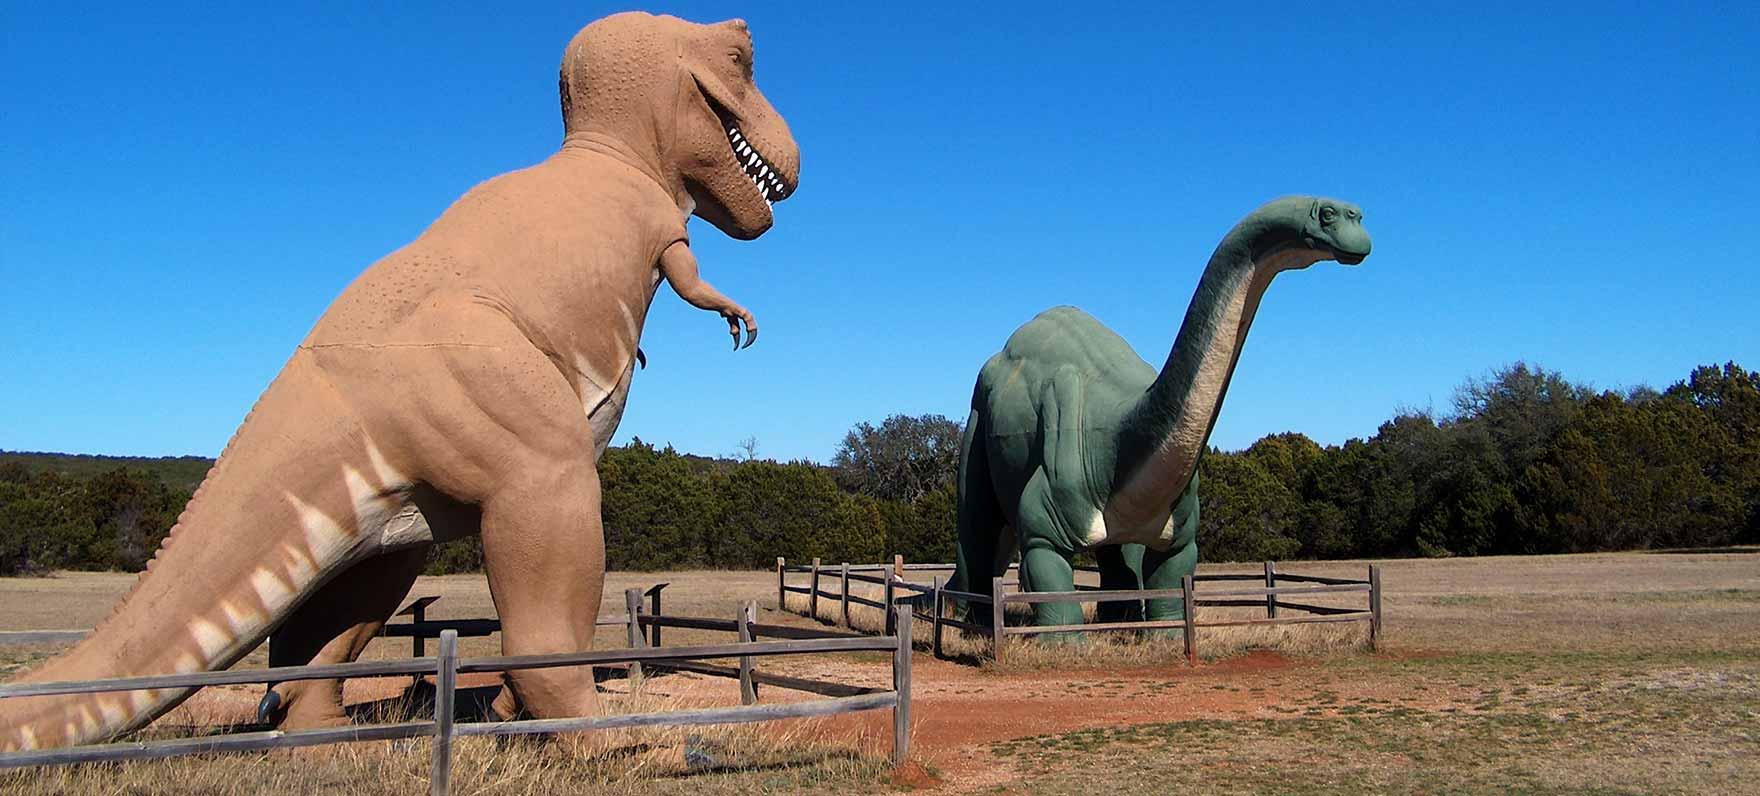 Resultado de imagen de Dinosaur Valley State Park